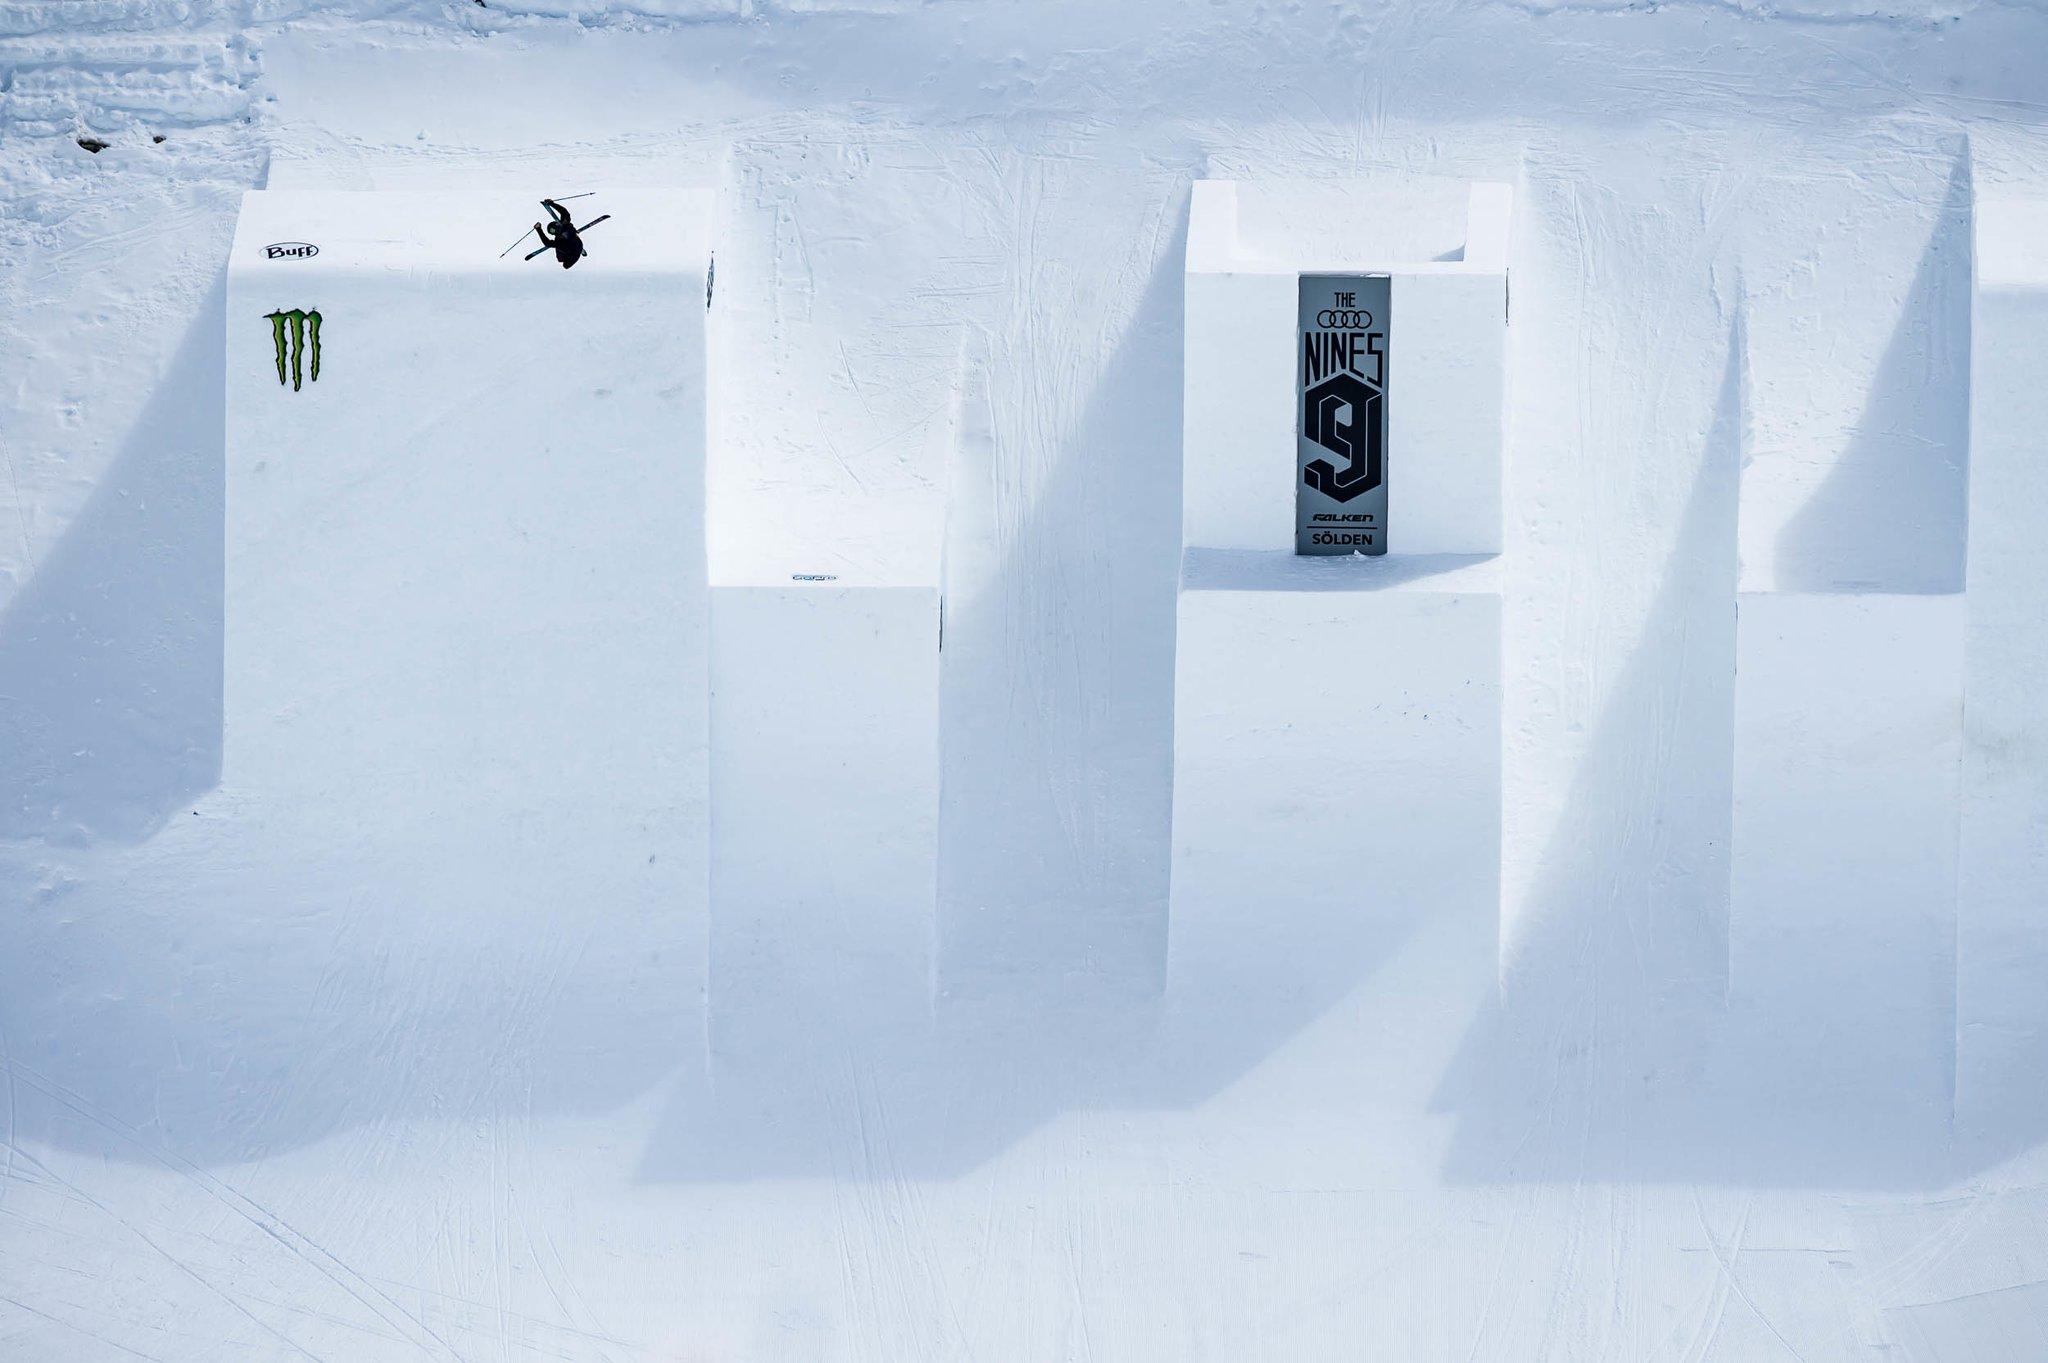 Abwechslungsreiche Winterferien: Tirol lockt mit - Soelden